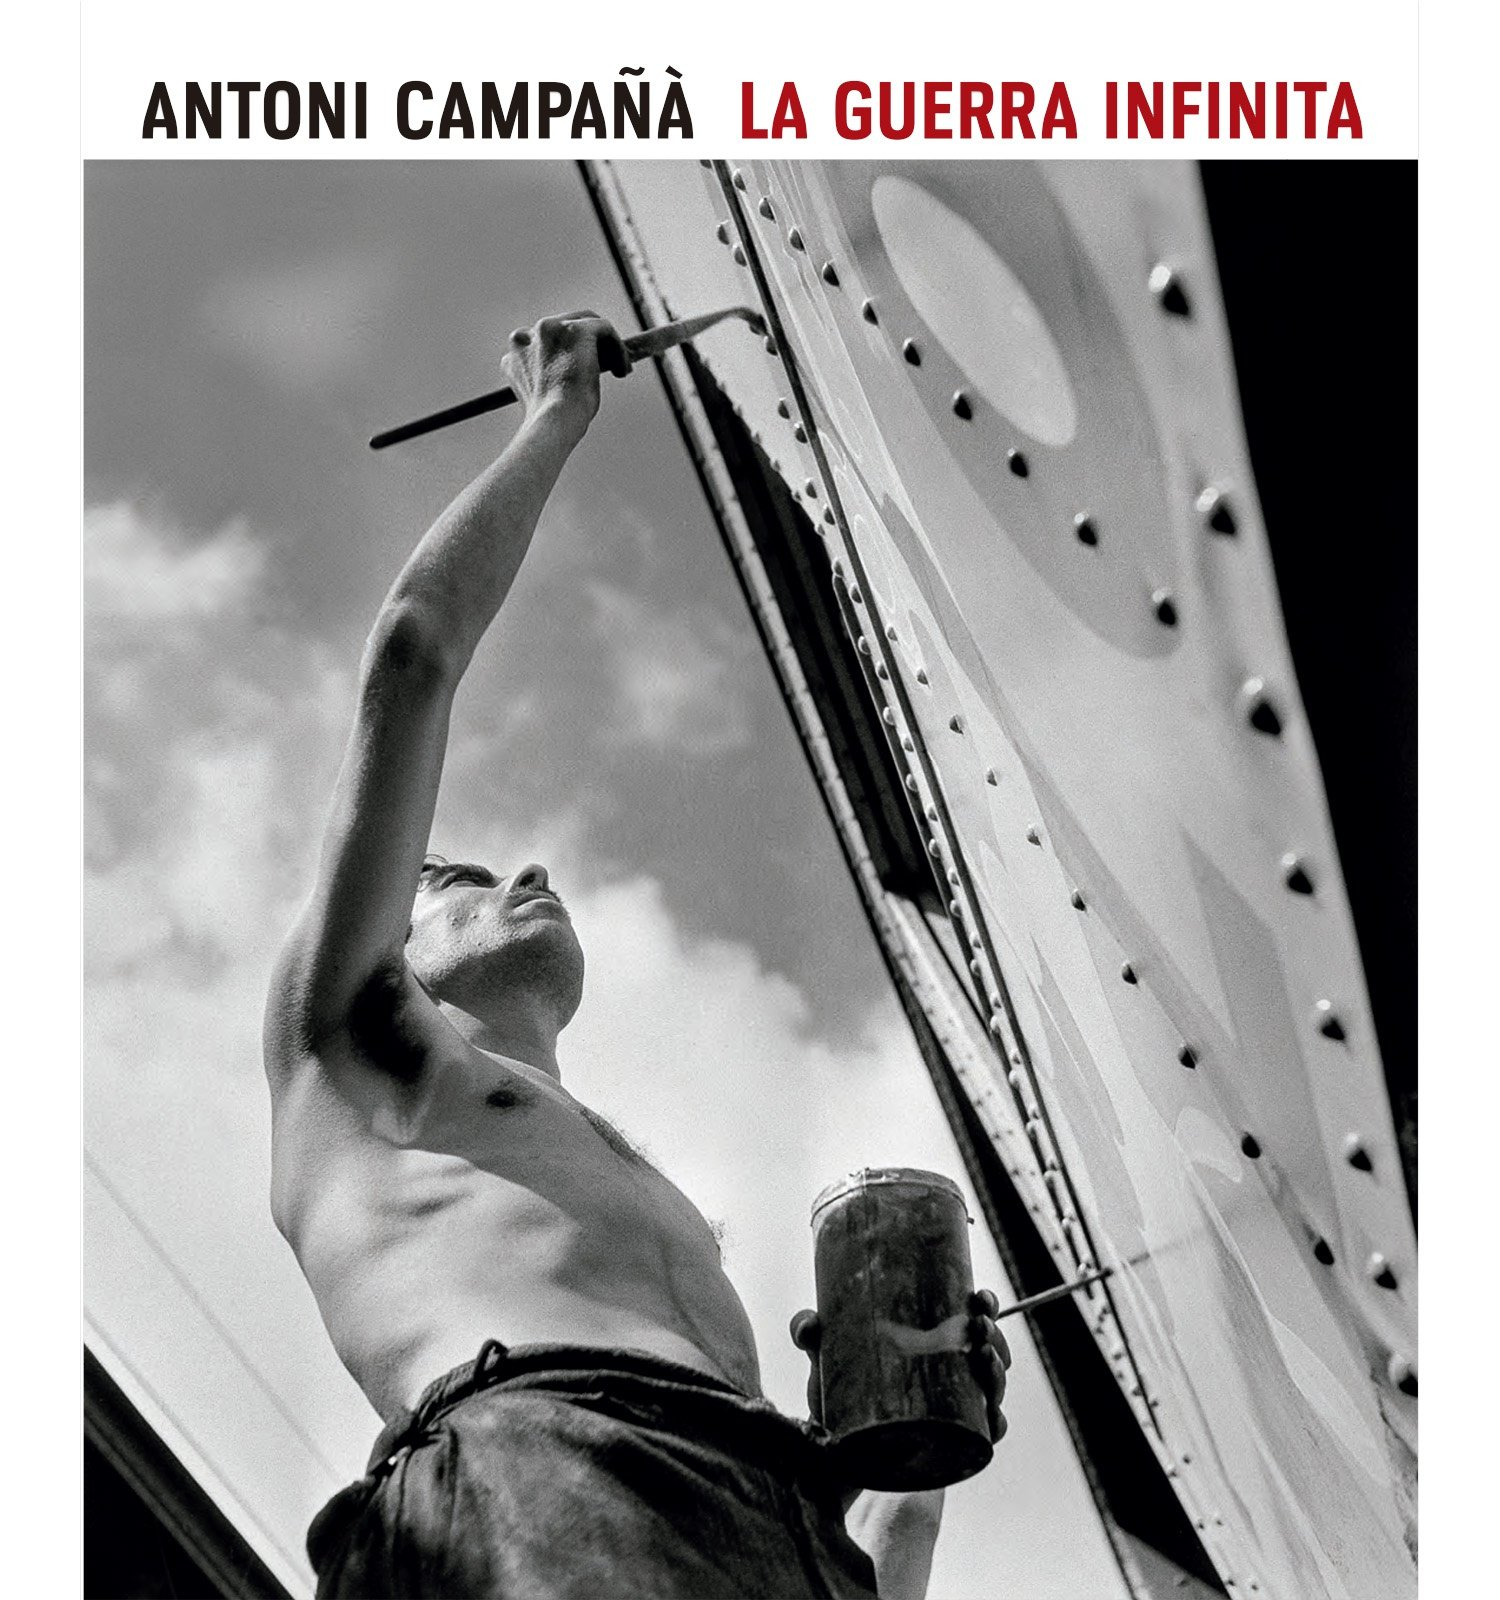 La guerra infinita. Antoni Campañà